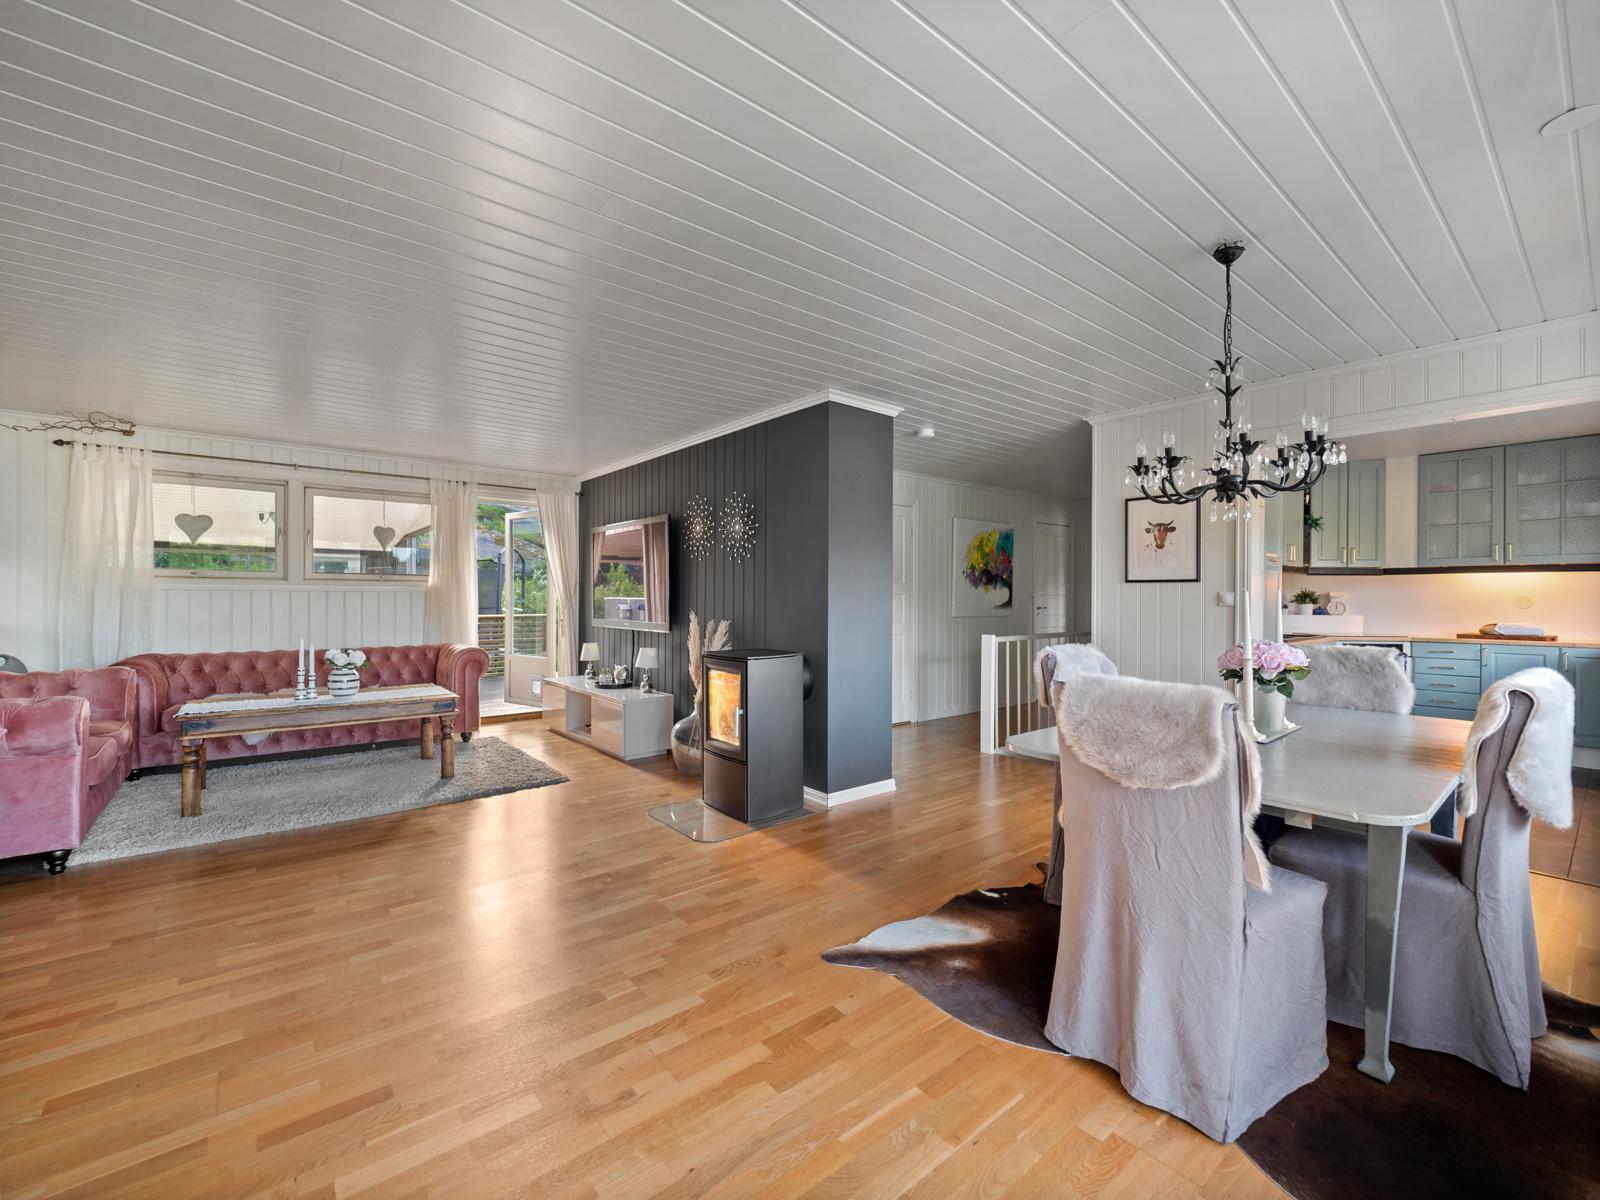 Stue med åpen kjøkkenløsning - Naturlig plassering av spisebord og sofagruppe